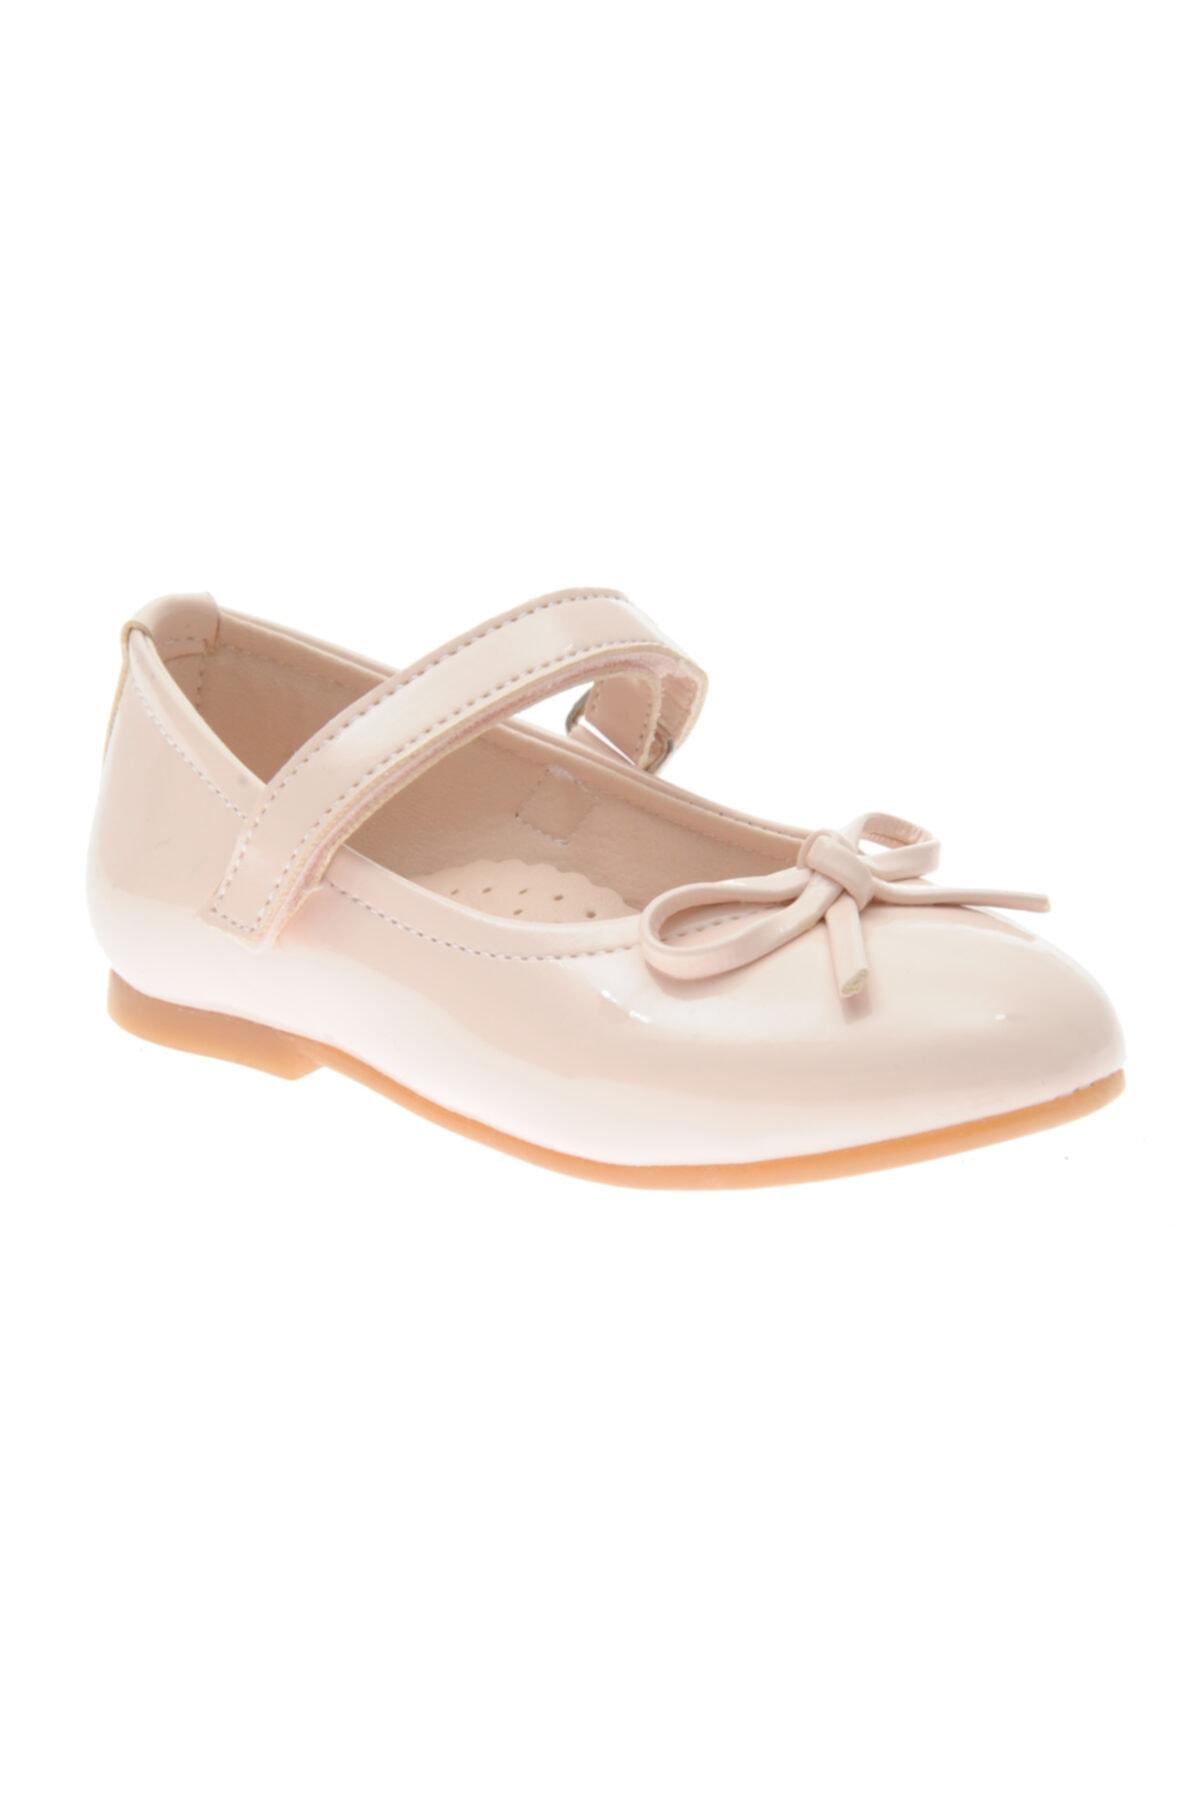 کفش تخت نوزاد دختر حراجی برند Panço رنگ صورتی ty37350388